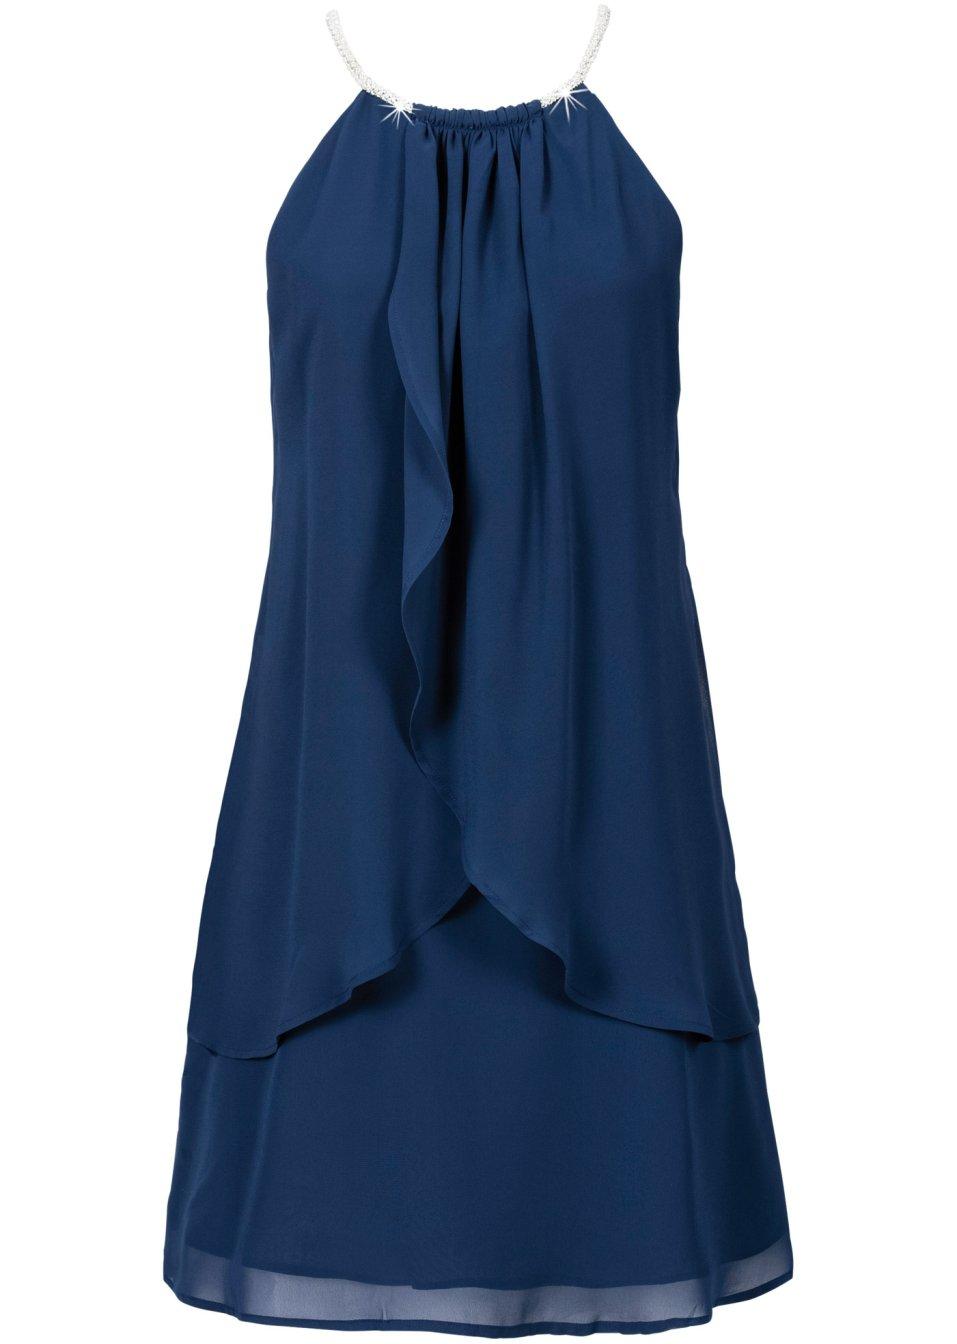 robe en voile de chiffon avec collier bleu fonc bodyflirt acheter online. Black Bedroom Furniture Sets. Home Design Ideas